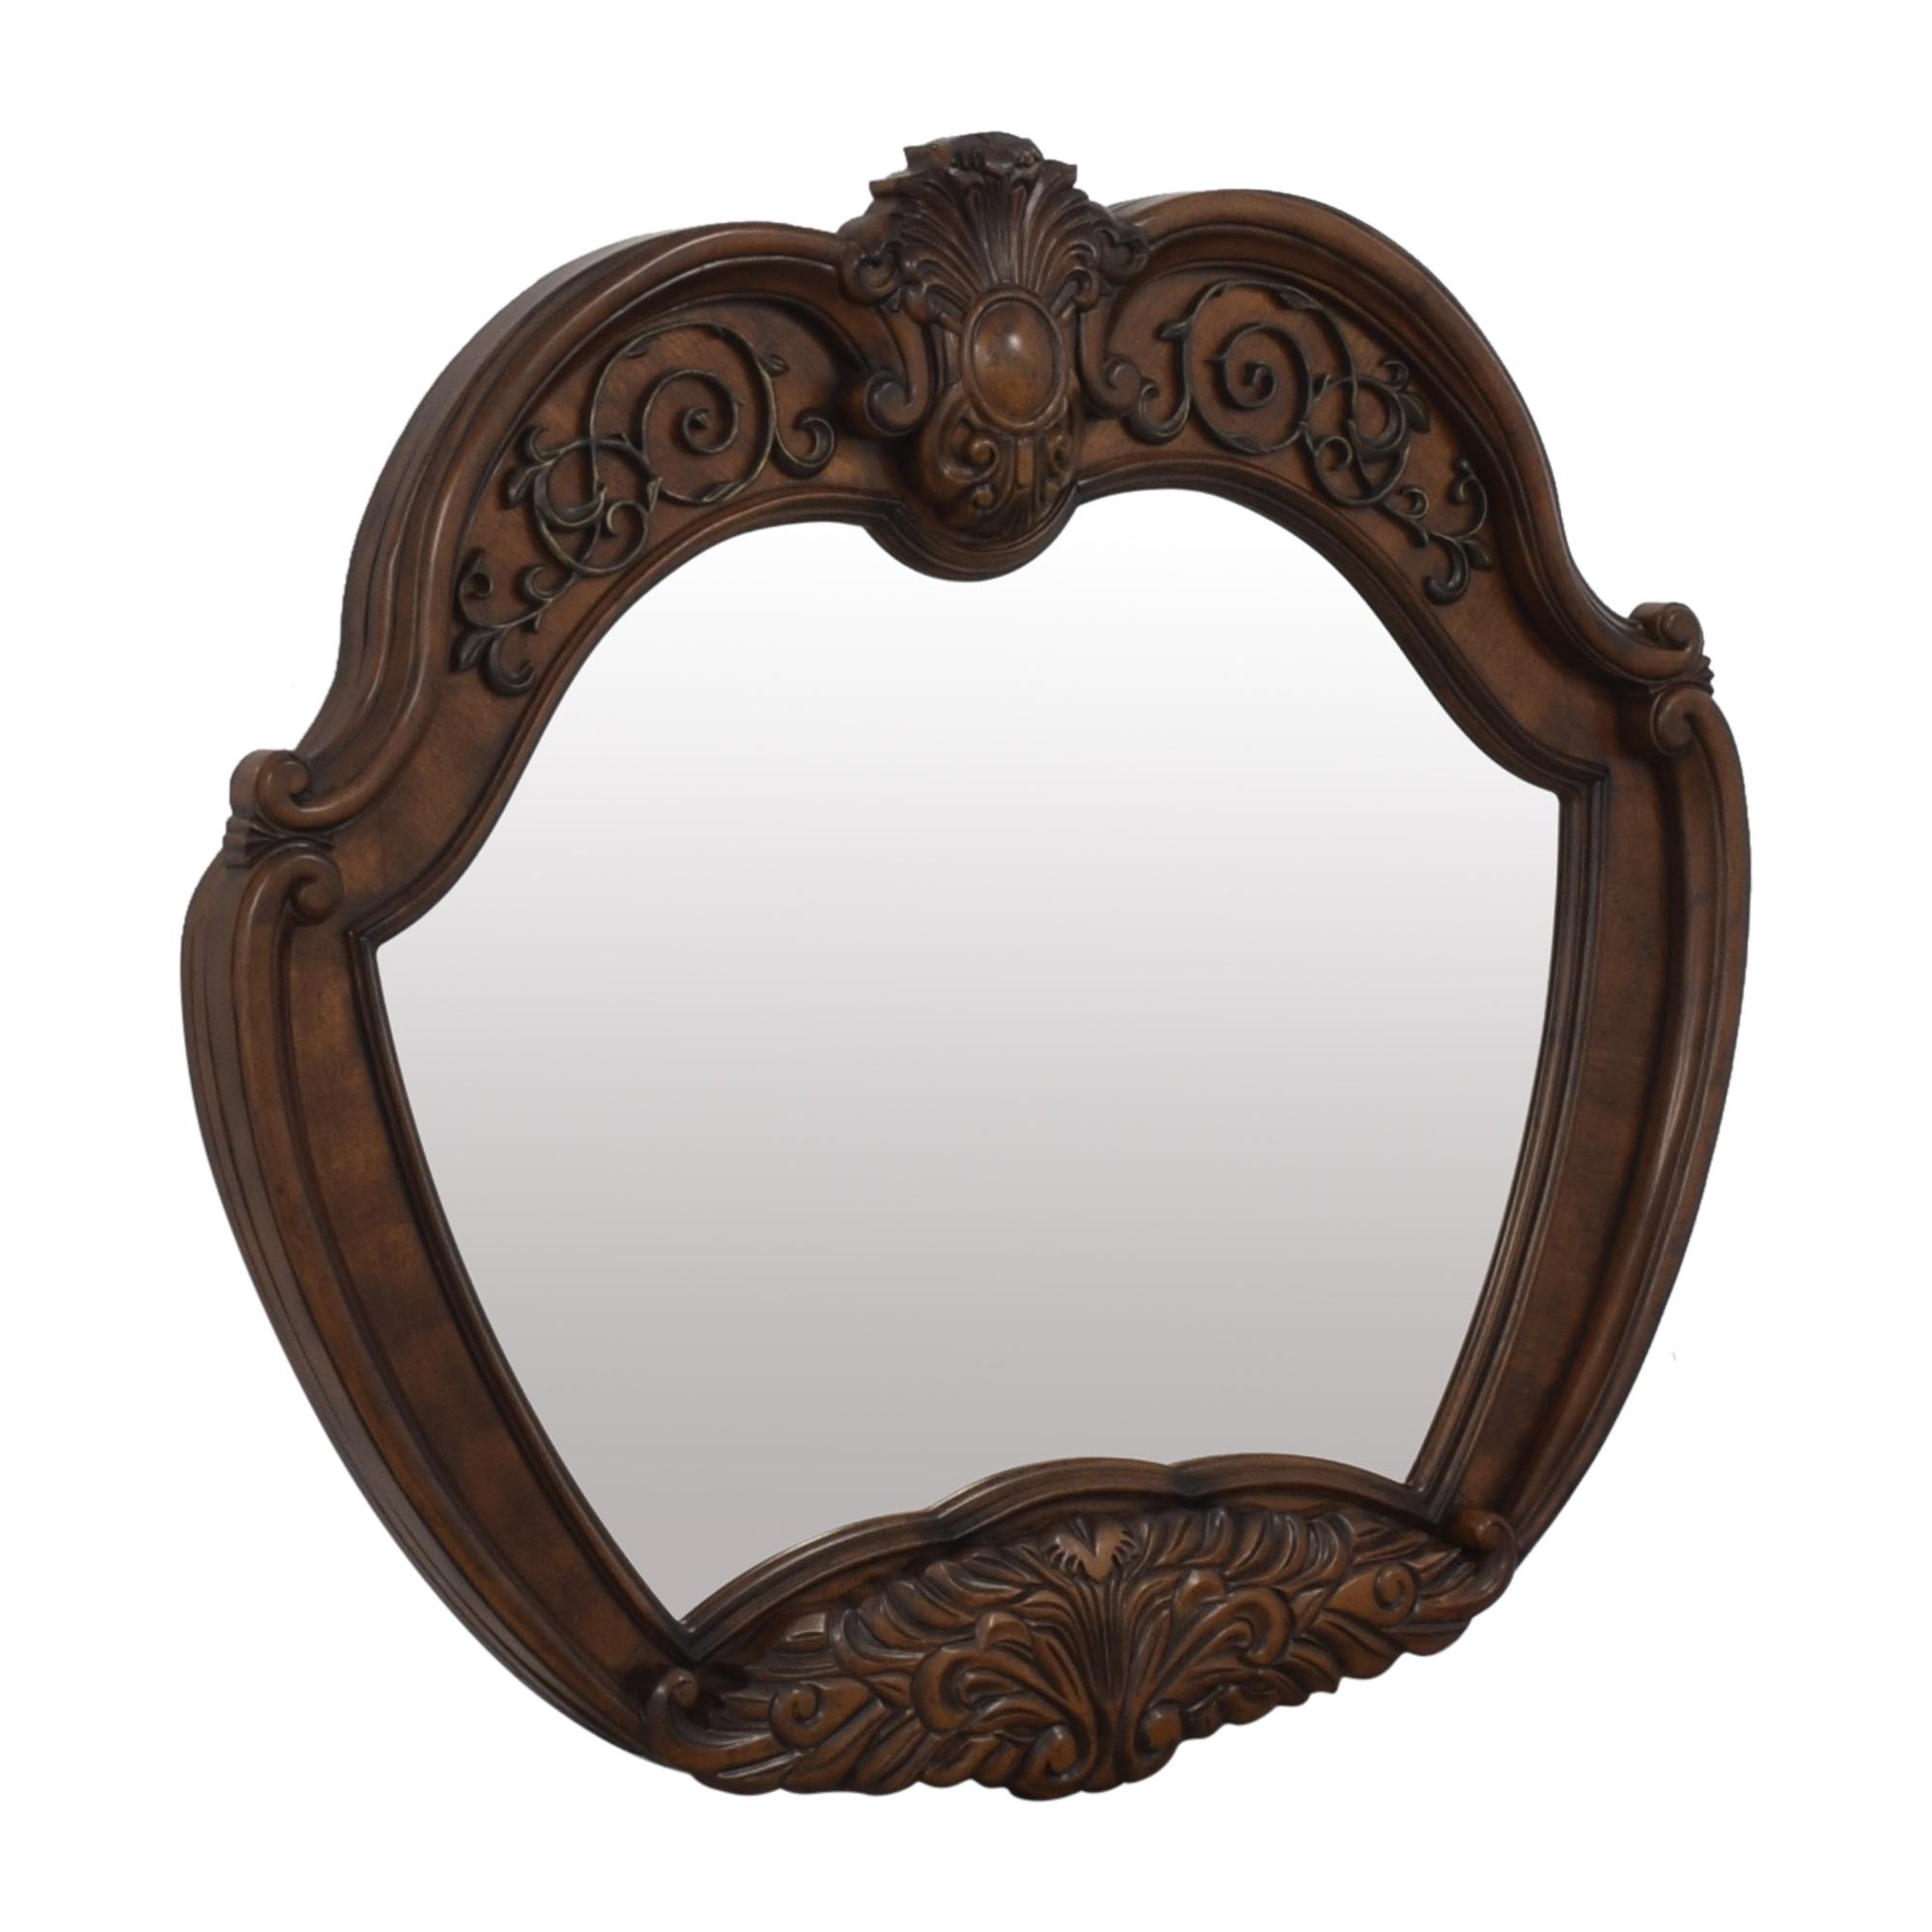 AICO AICO Windsor Court Sideboard Mirror